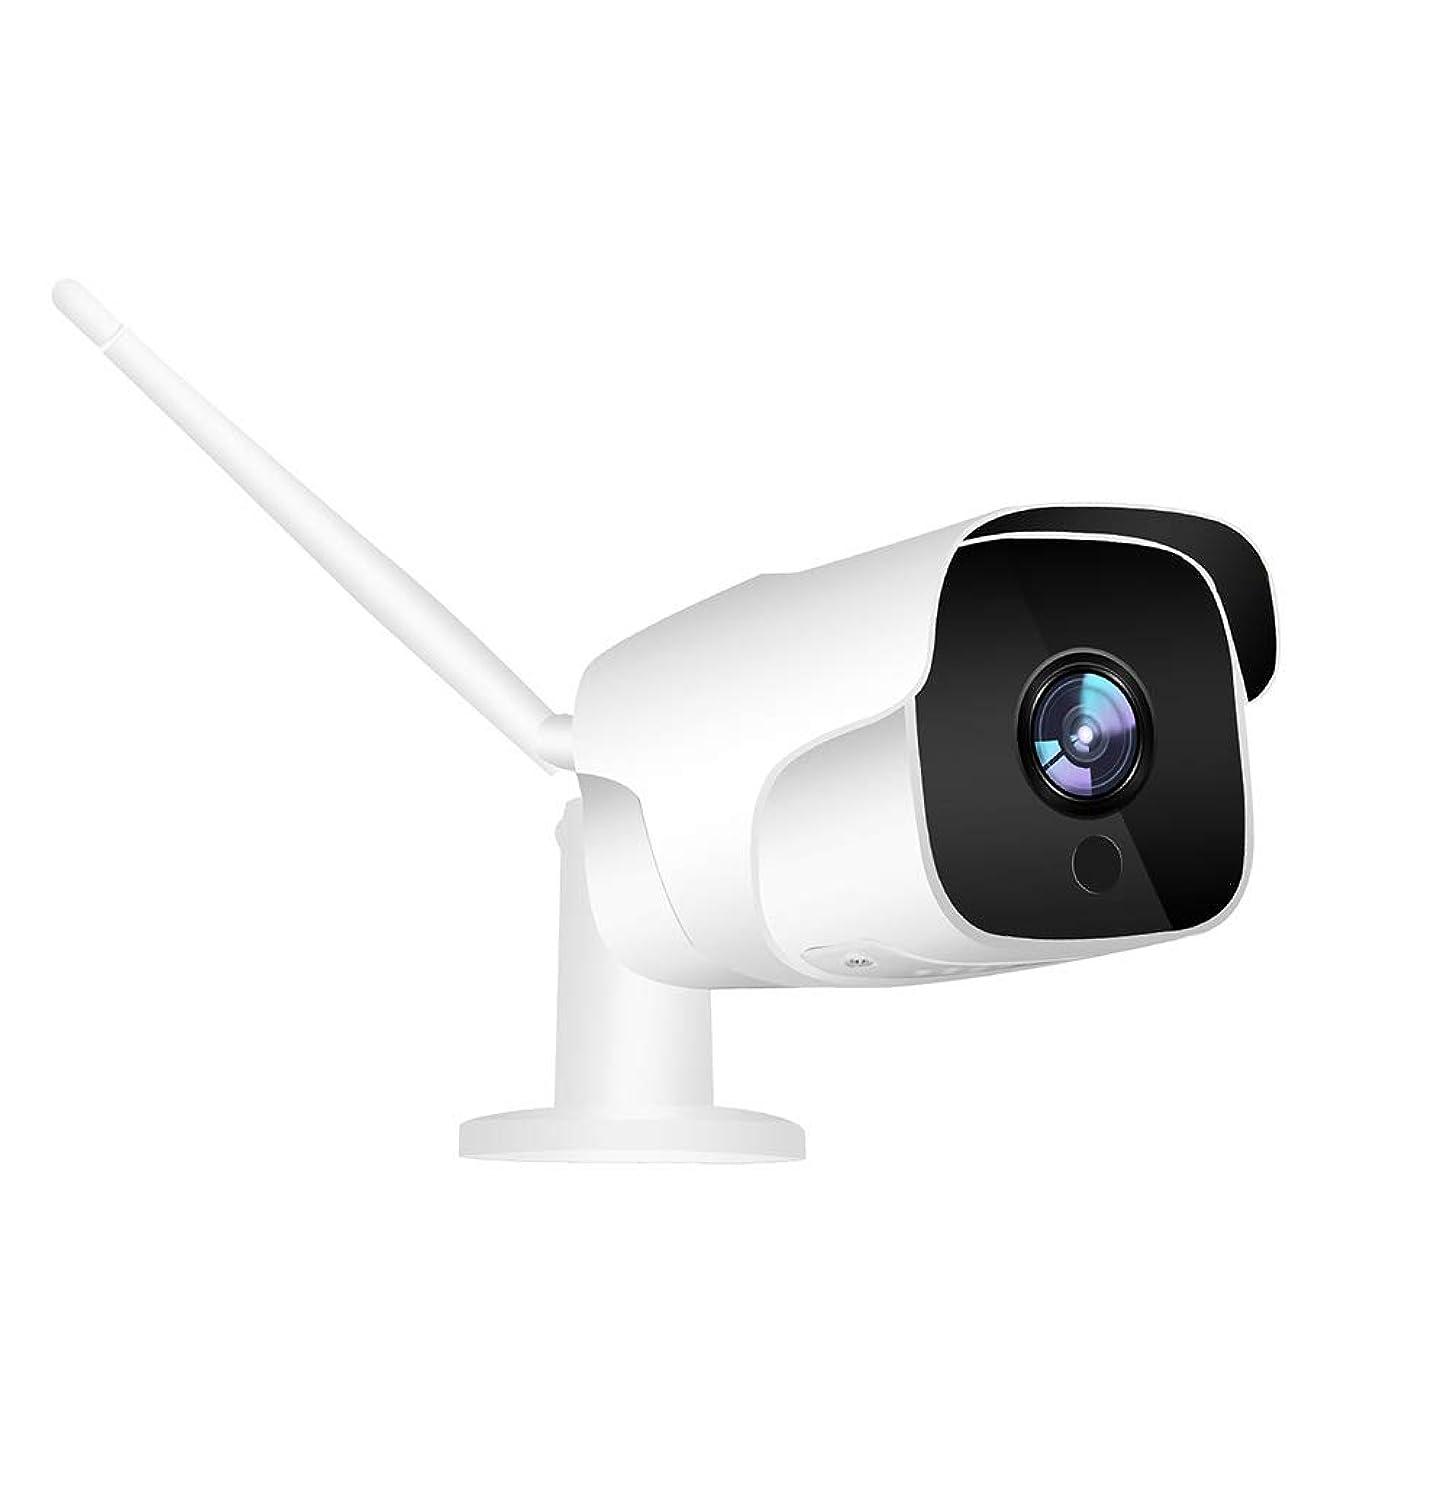 強います妊娠した媒染剤夜間視界の動き検出の秘密の保証が付いている屋外のホームセキュリティーのカメラの無線電信システム1080p Hdのポータブル